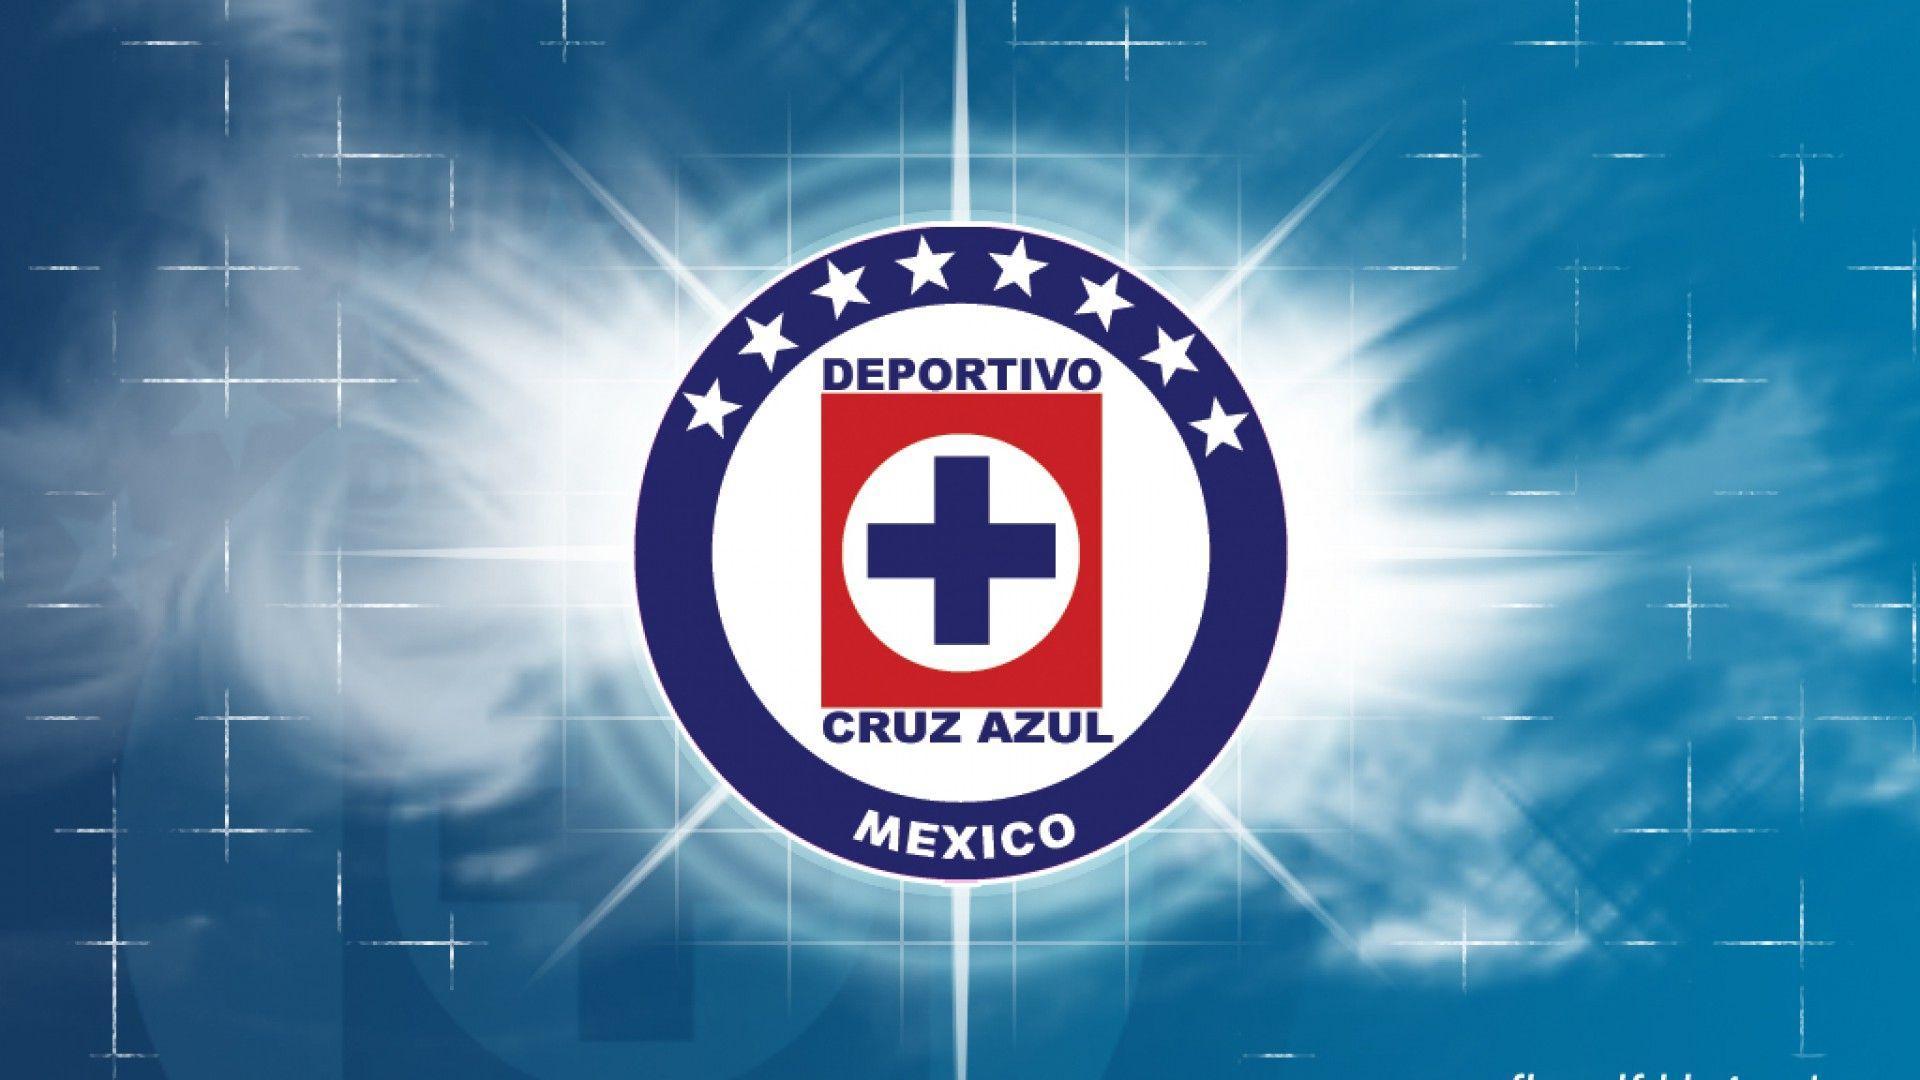 DISFAGIA NOME ESTRANHO PROBLE Inauguração do Ambulatório de Disfagia ocorre nesta quintafeira 27 no Completo Hospitalar Cruz Azul